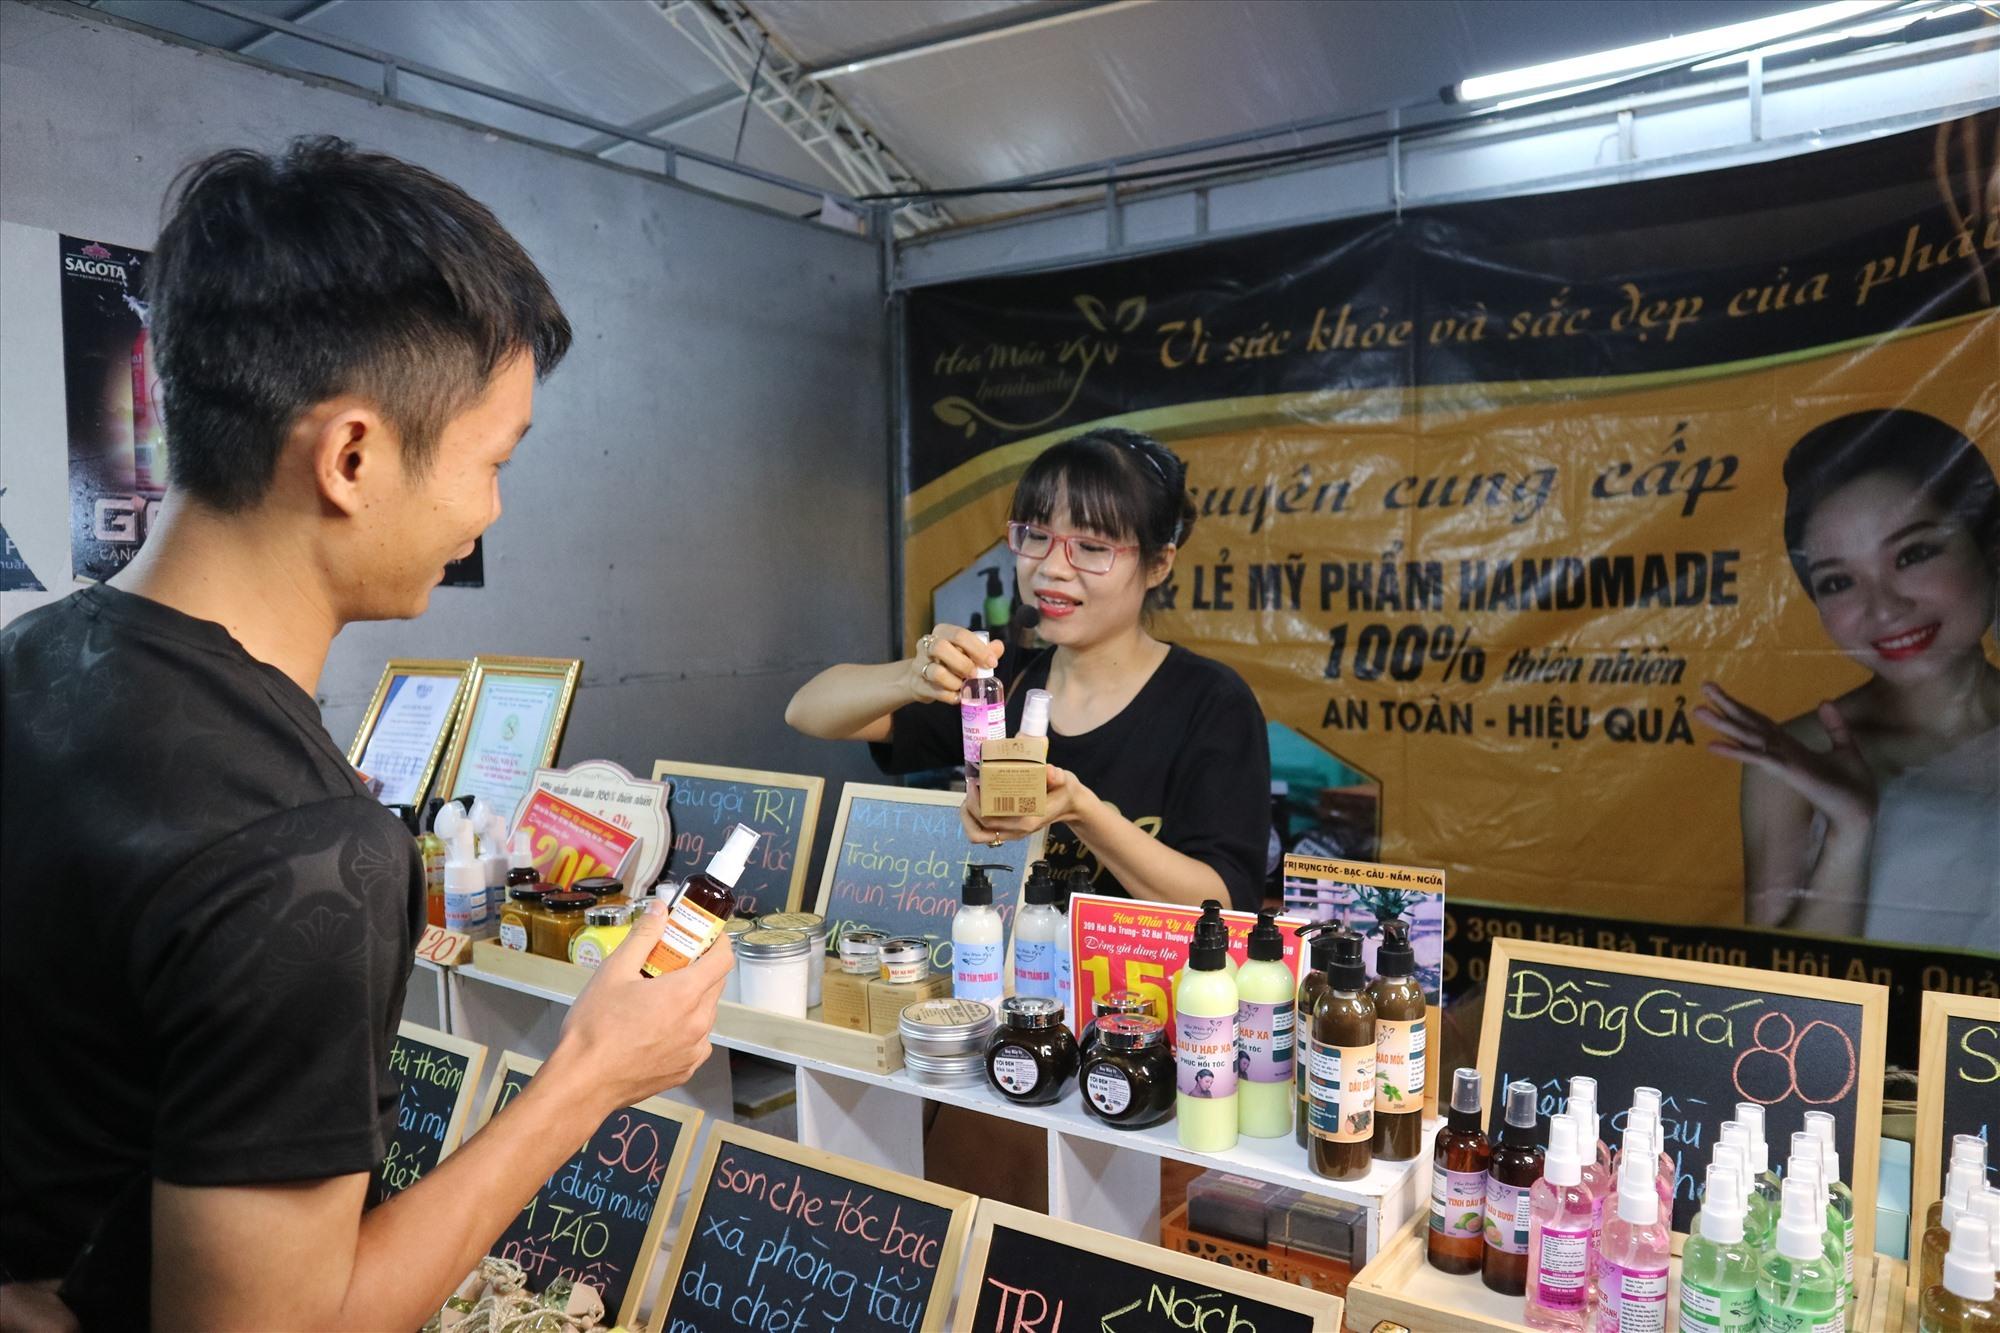 Sản phẩm OCOP -mỹ phẩm từ thiên nhiên Hoa Mẫn Vy (Hội An) đón nhận nhiều phản hồi tích cực tại đêm khai mạc hội chợ. Ảnh: X.H